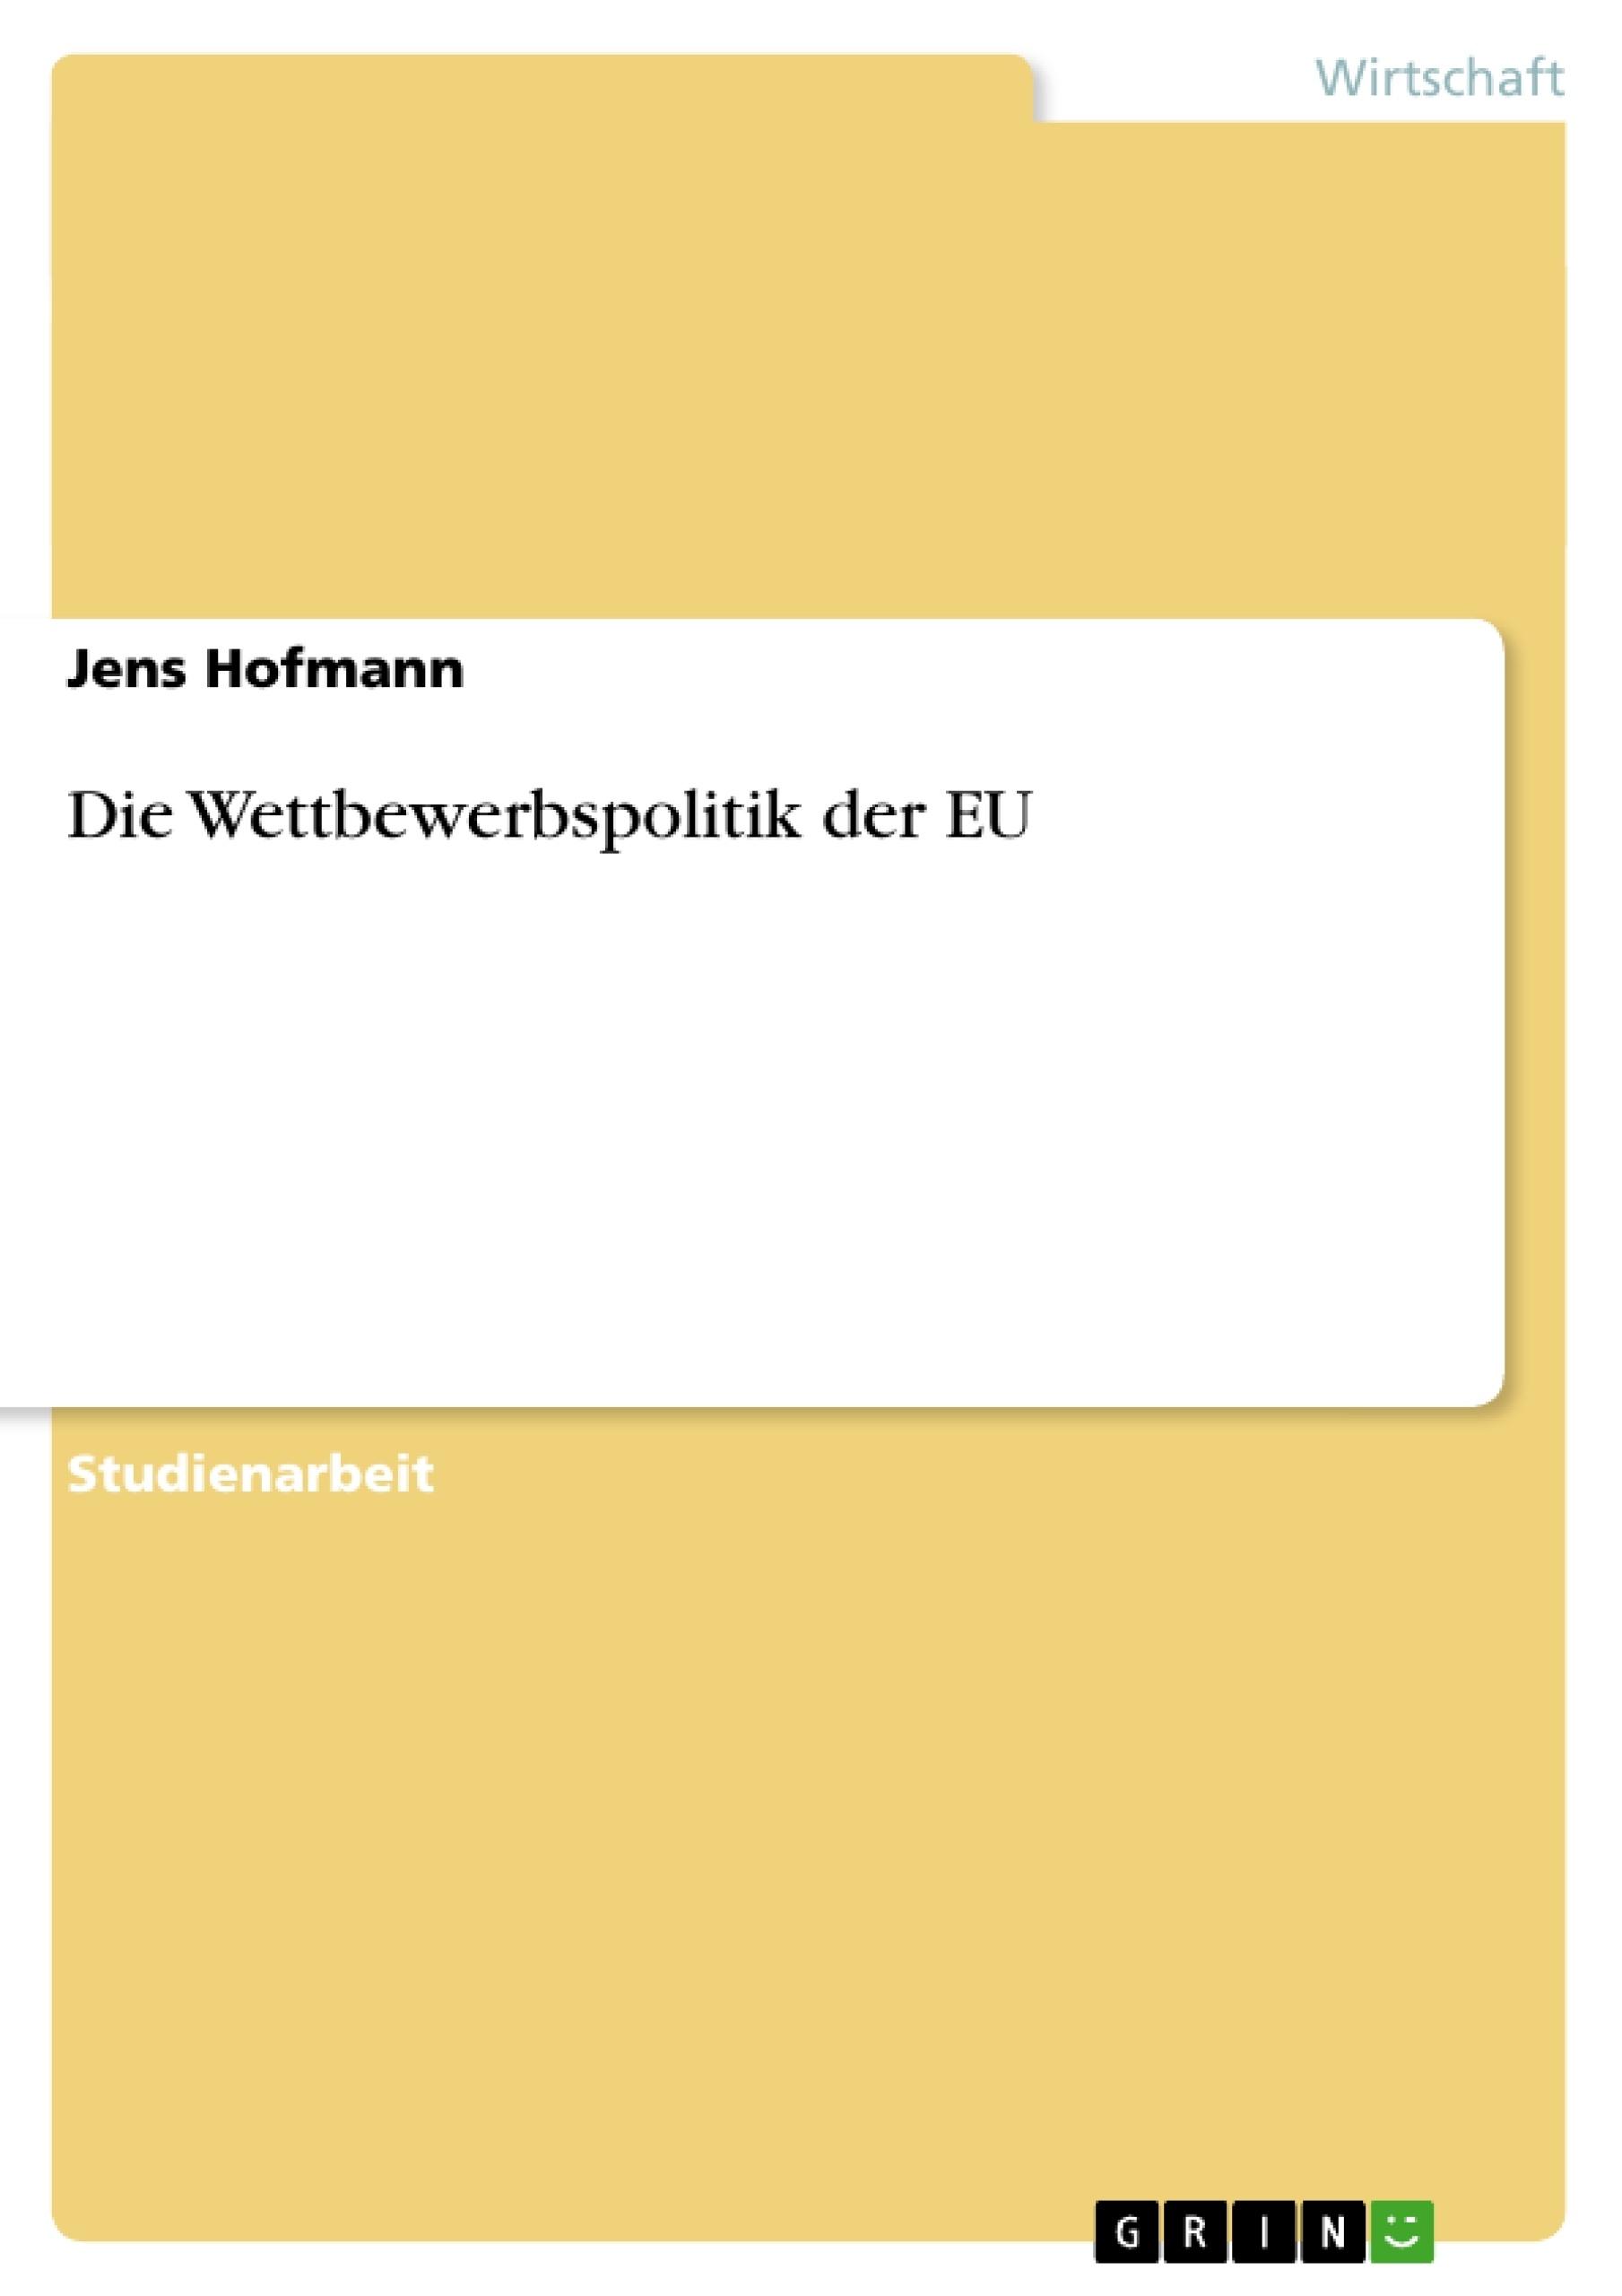 Titel: Die Wettbewerbspolitik der EU